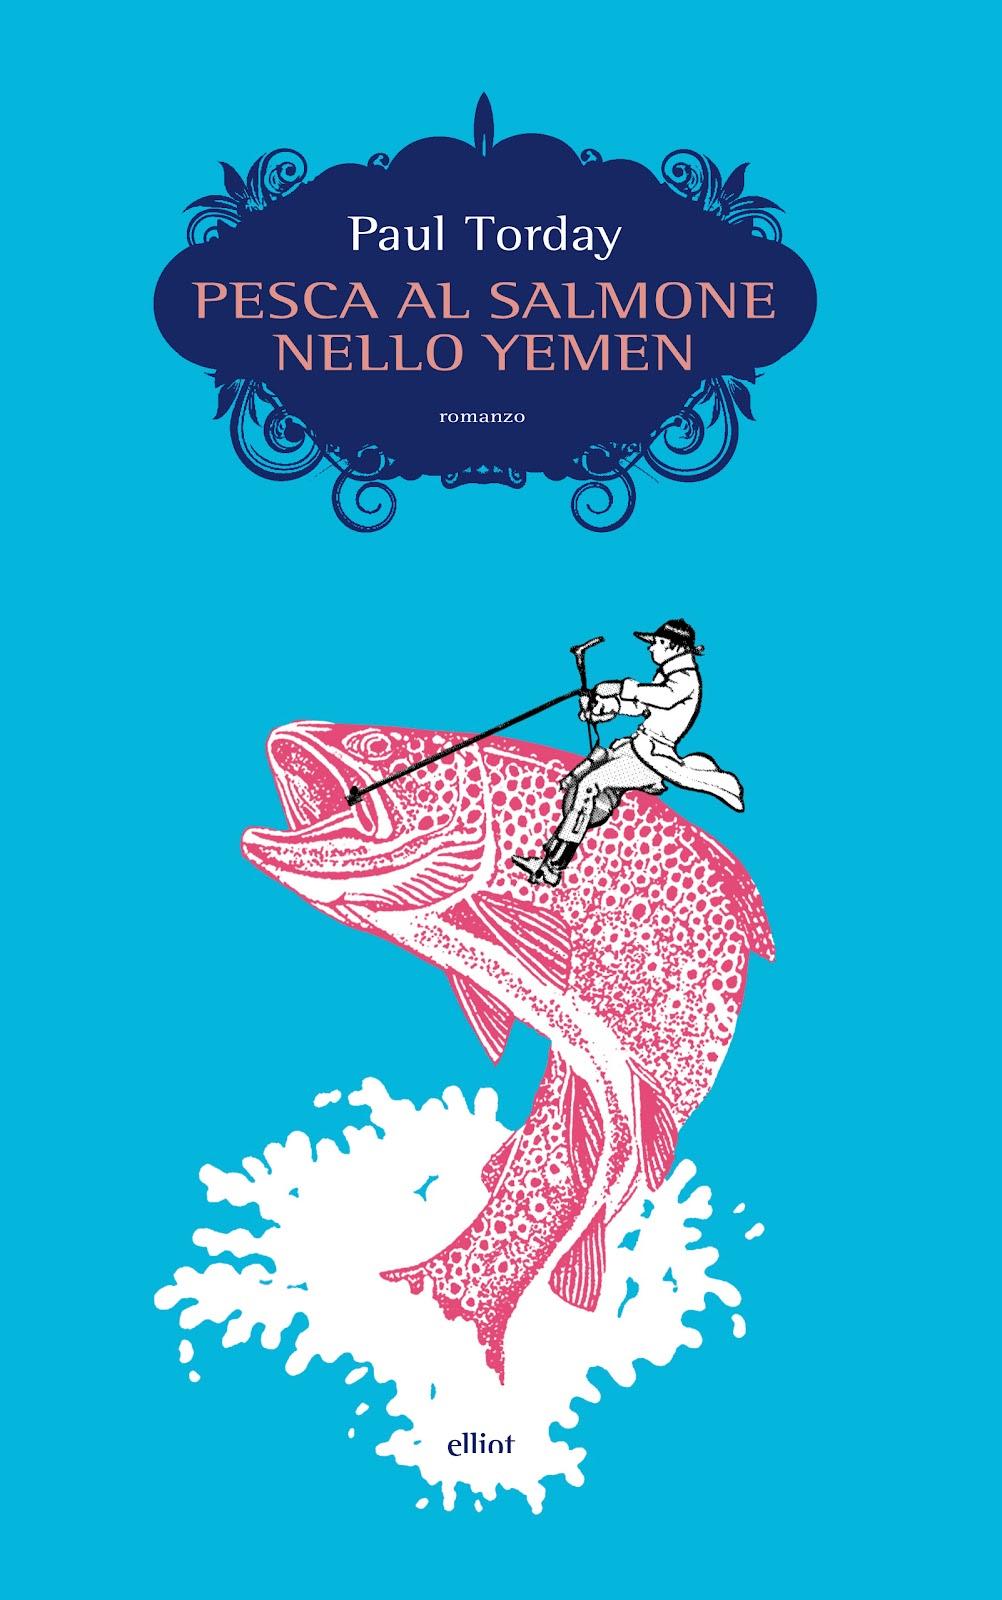 Copertina di Pesca al salmone nello Yemen di Paul Torday